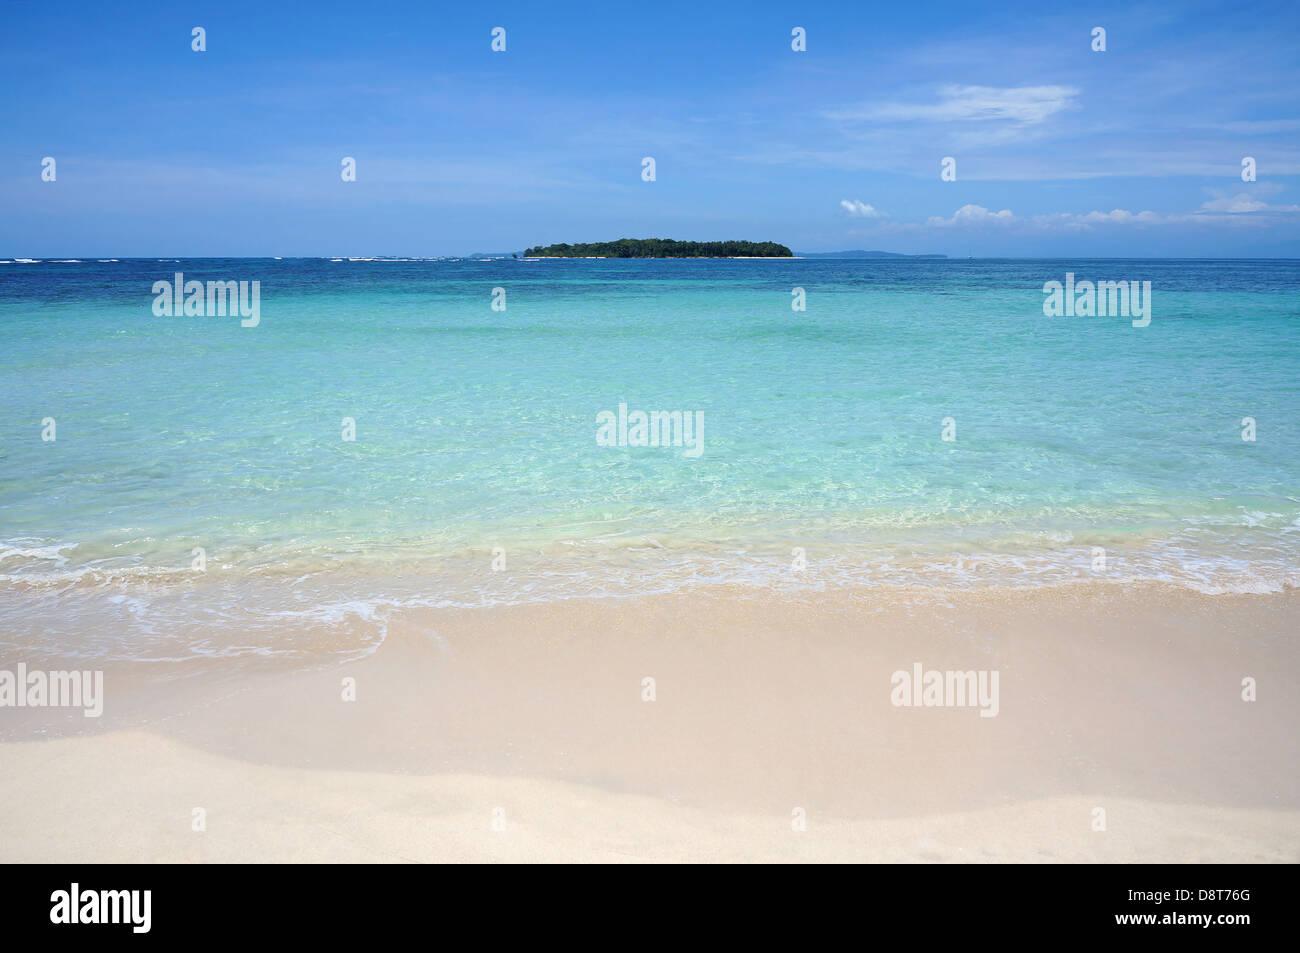 Spiaggia sabbiosa tropicale shore con acqua turchese e un'isola all'orizzonte, il mare dei Caraibi Immagini Stock